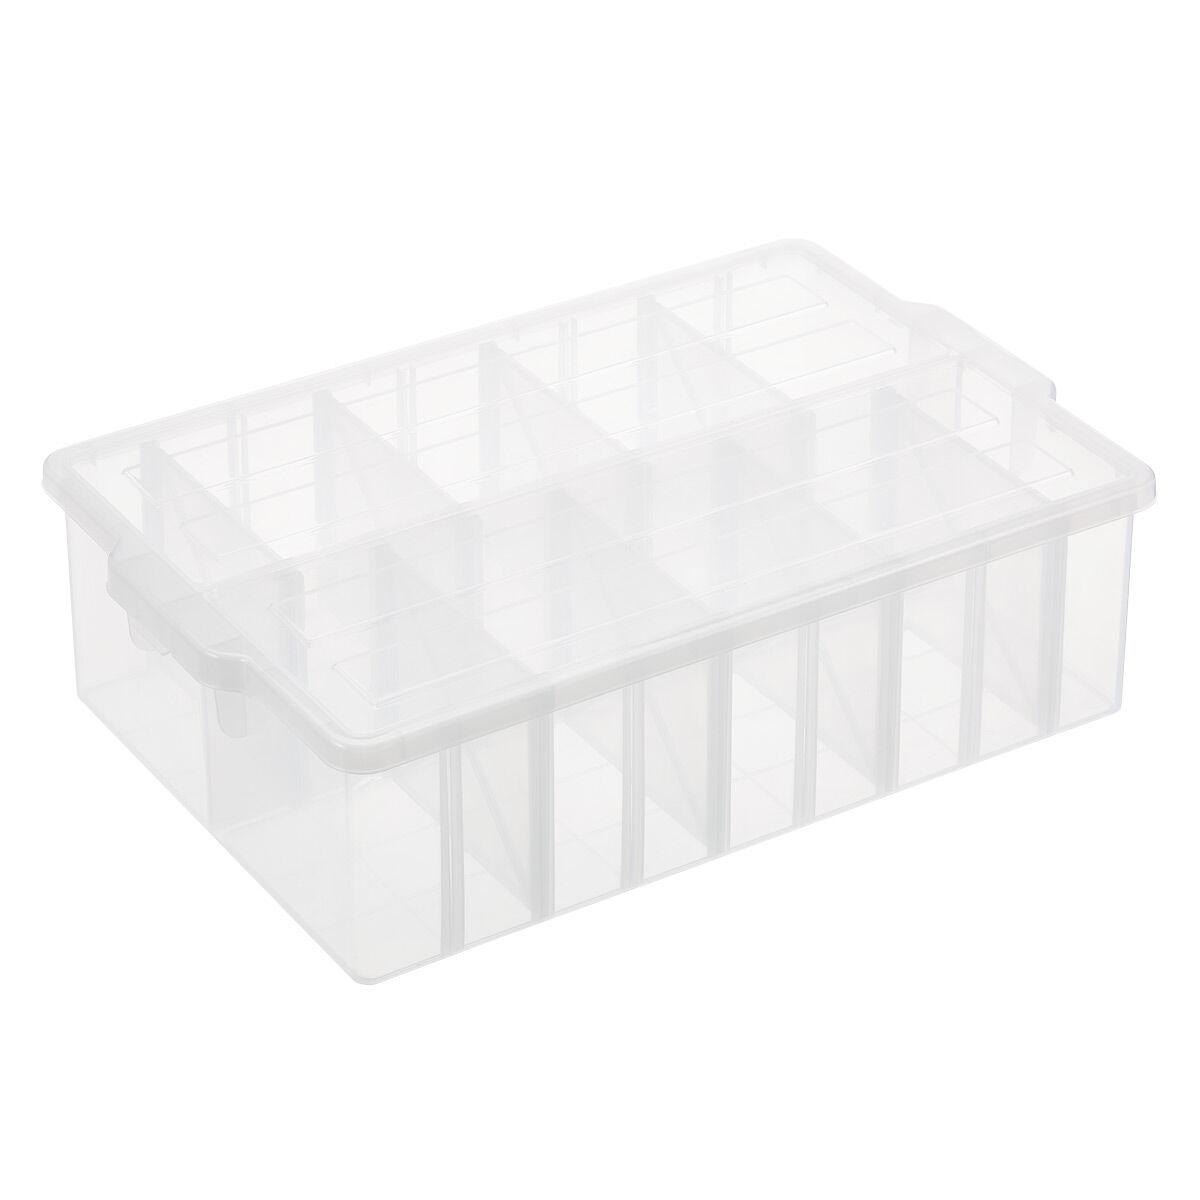 Craft & Media Organizer Box